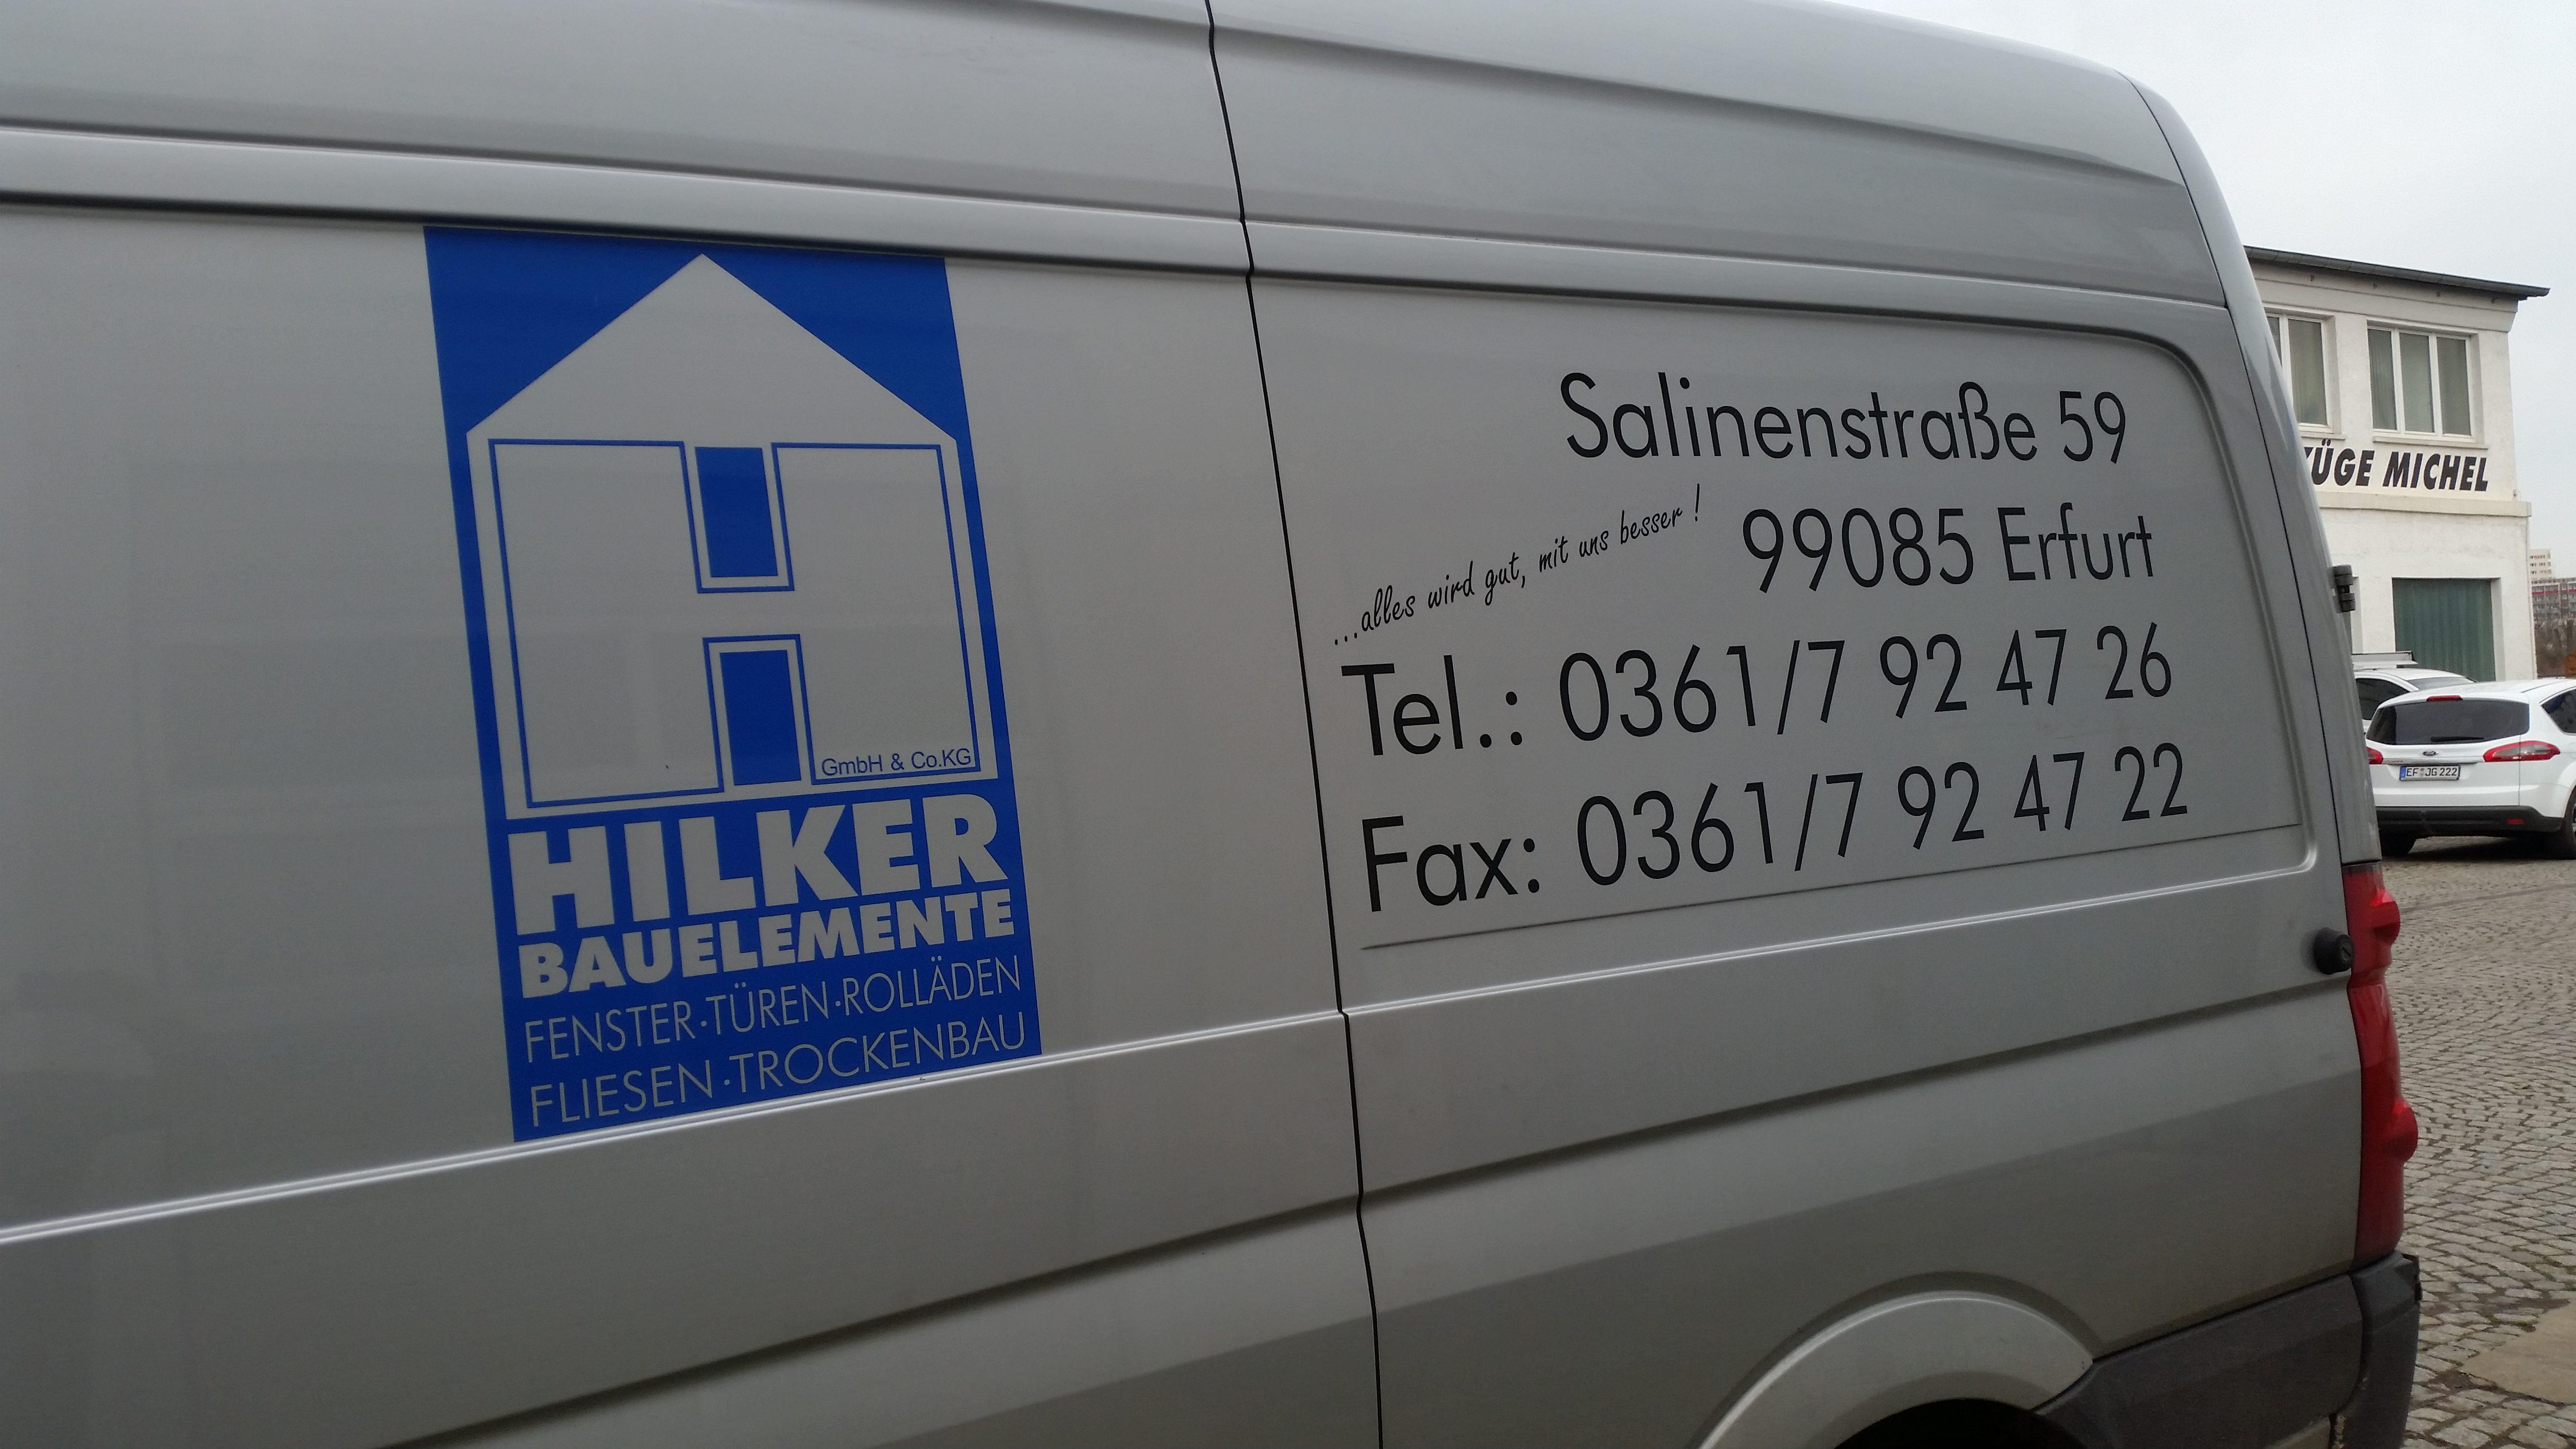 Fahrzeugbeschriftung Hilker Bauelemente